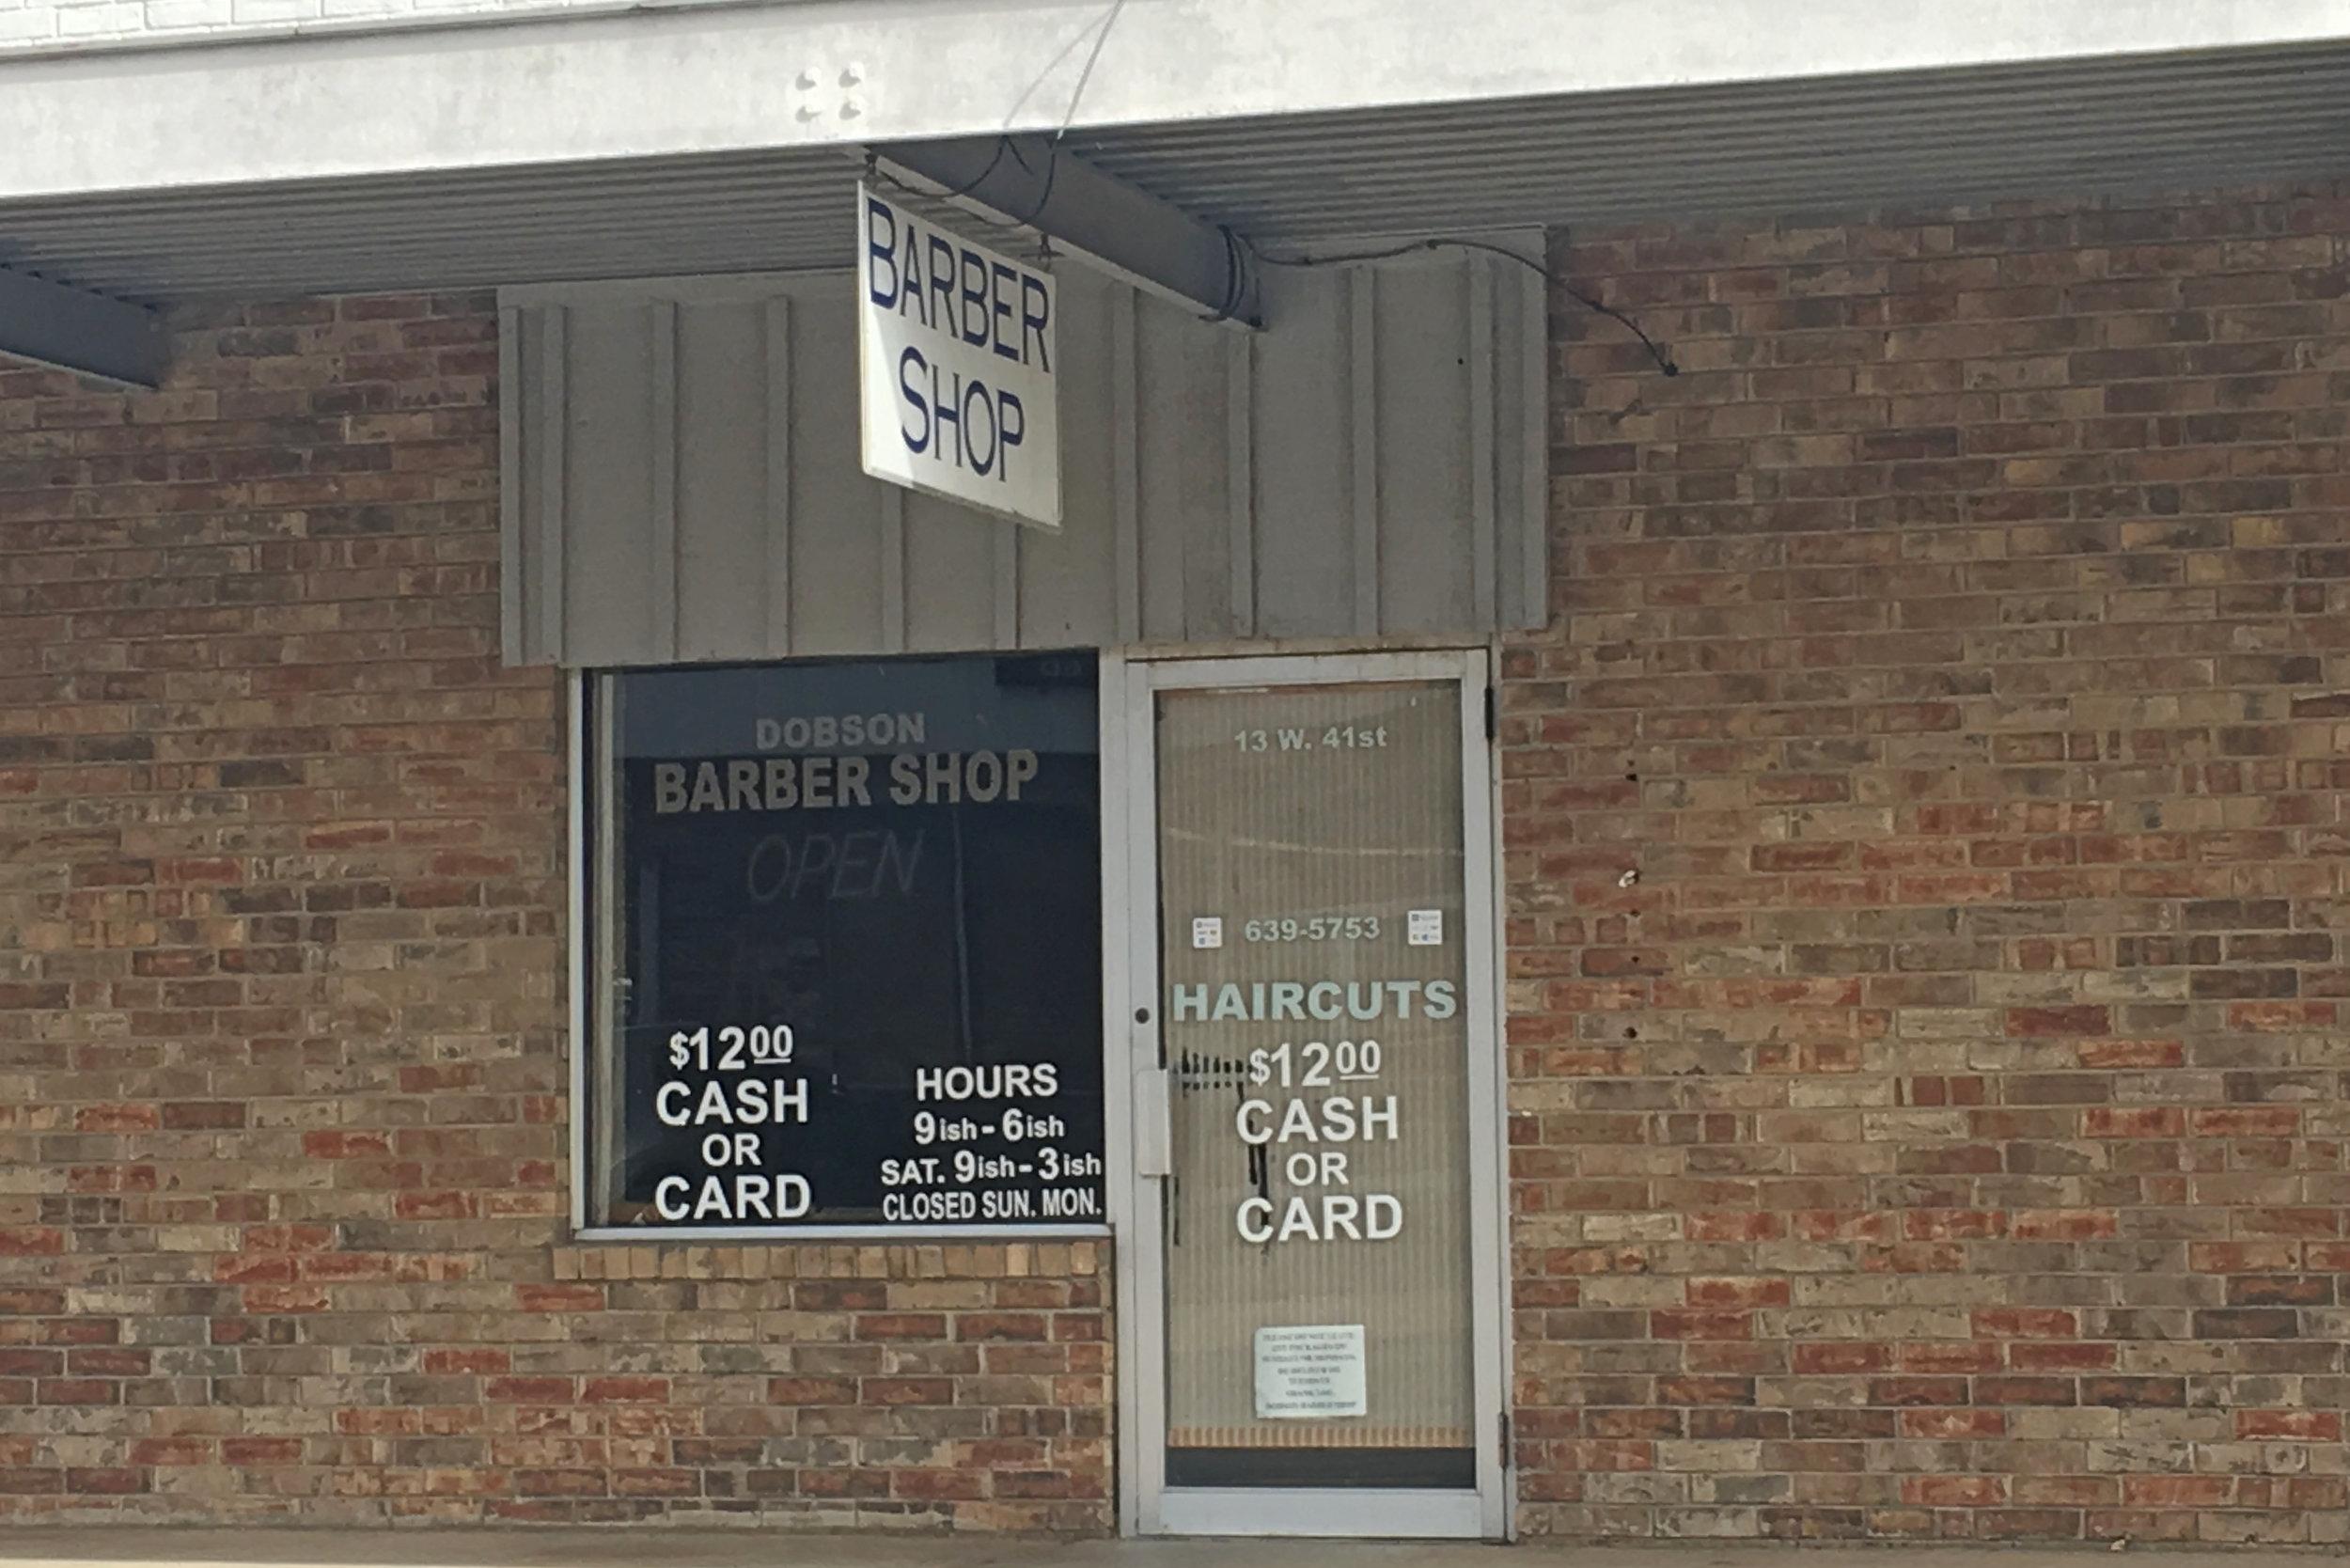 dobson barber shop - prattville center 7 west 41st street